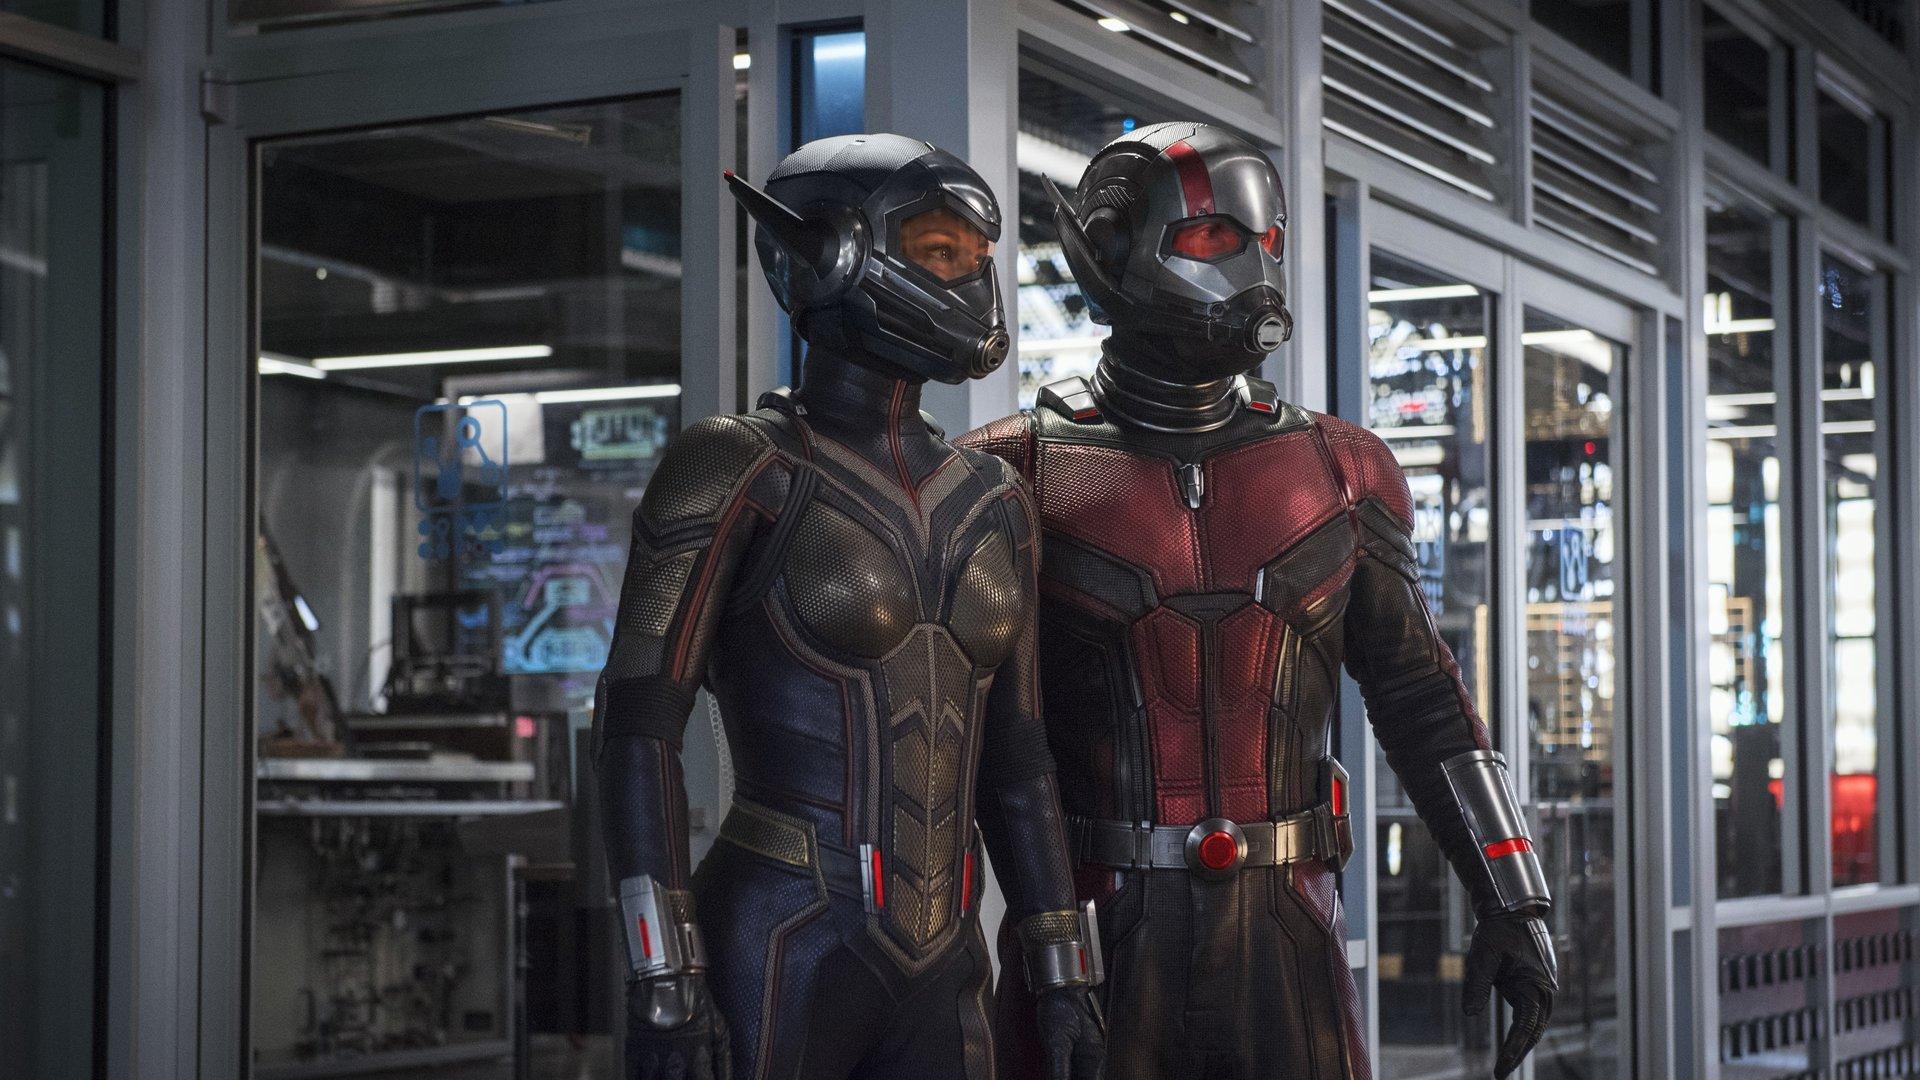 Schauspieler fliegt aus dem MCU: Darum wird ein beliebtes Marvel-Trio jetzt gesprengt - KINO.DE